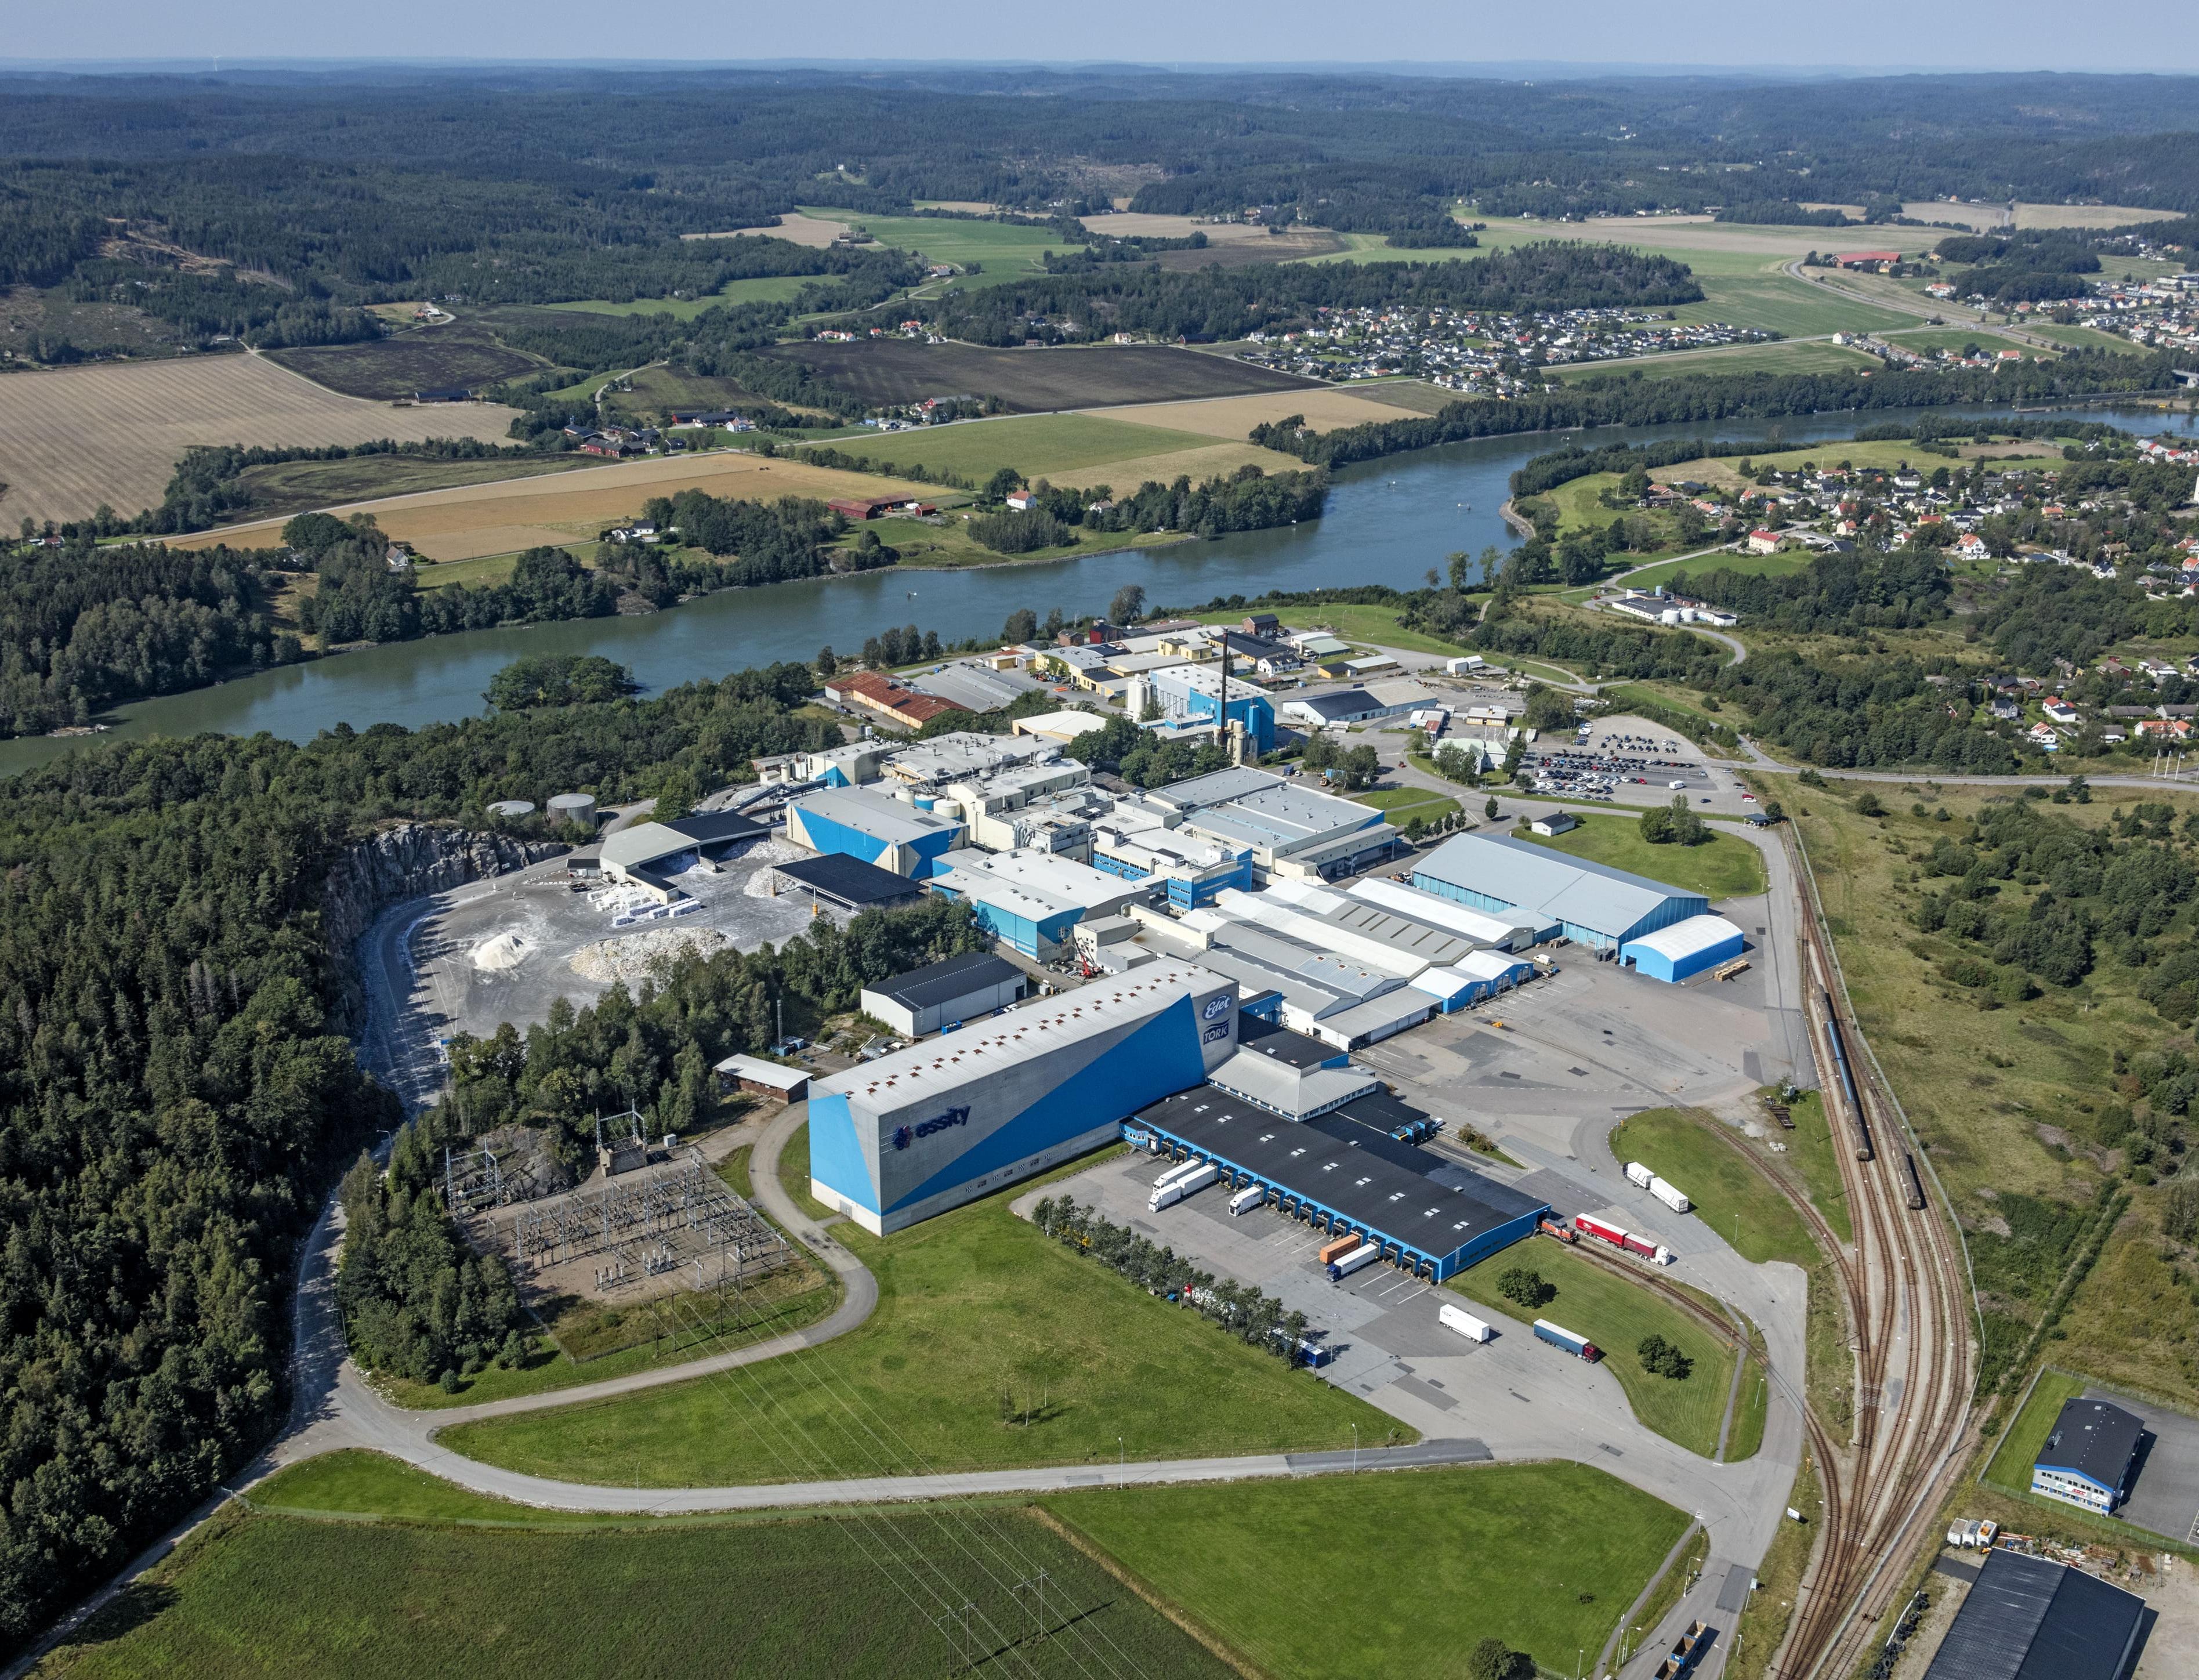 Essity первой в мире запустила производство бумажной продукции без выбросов CO2